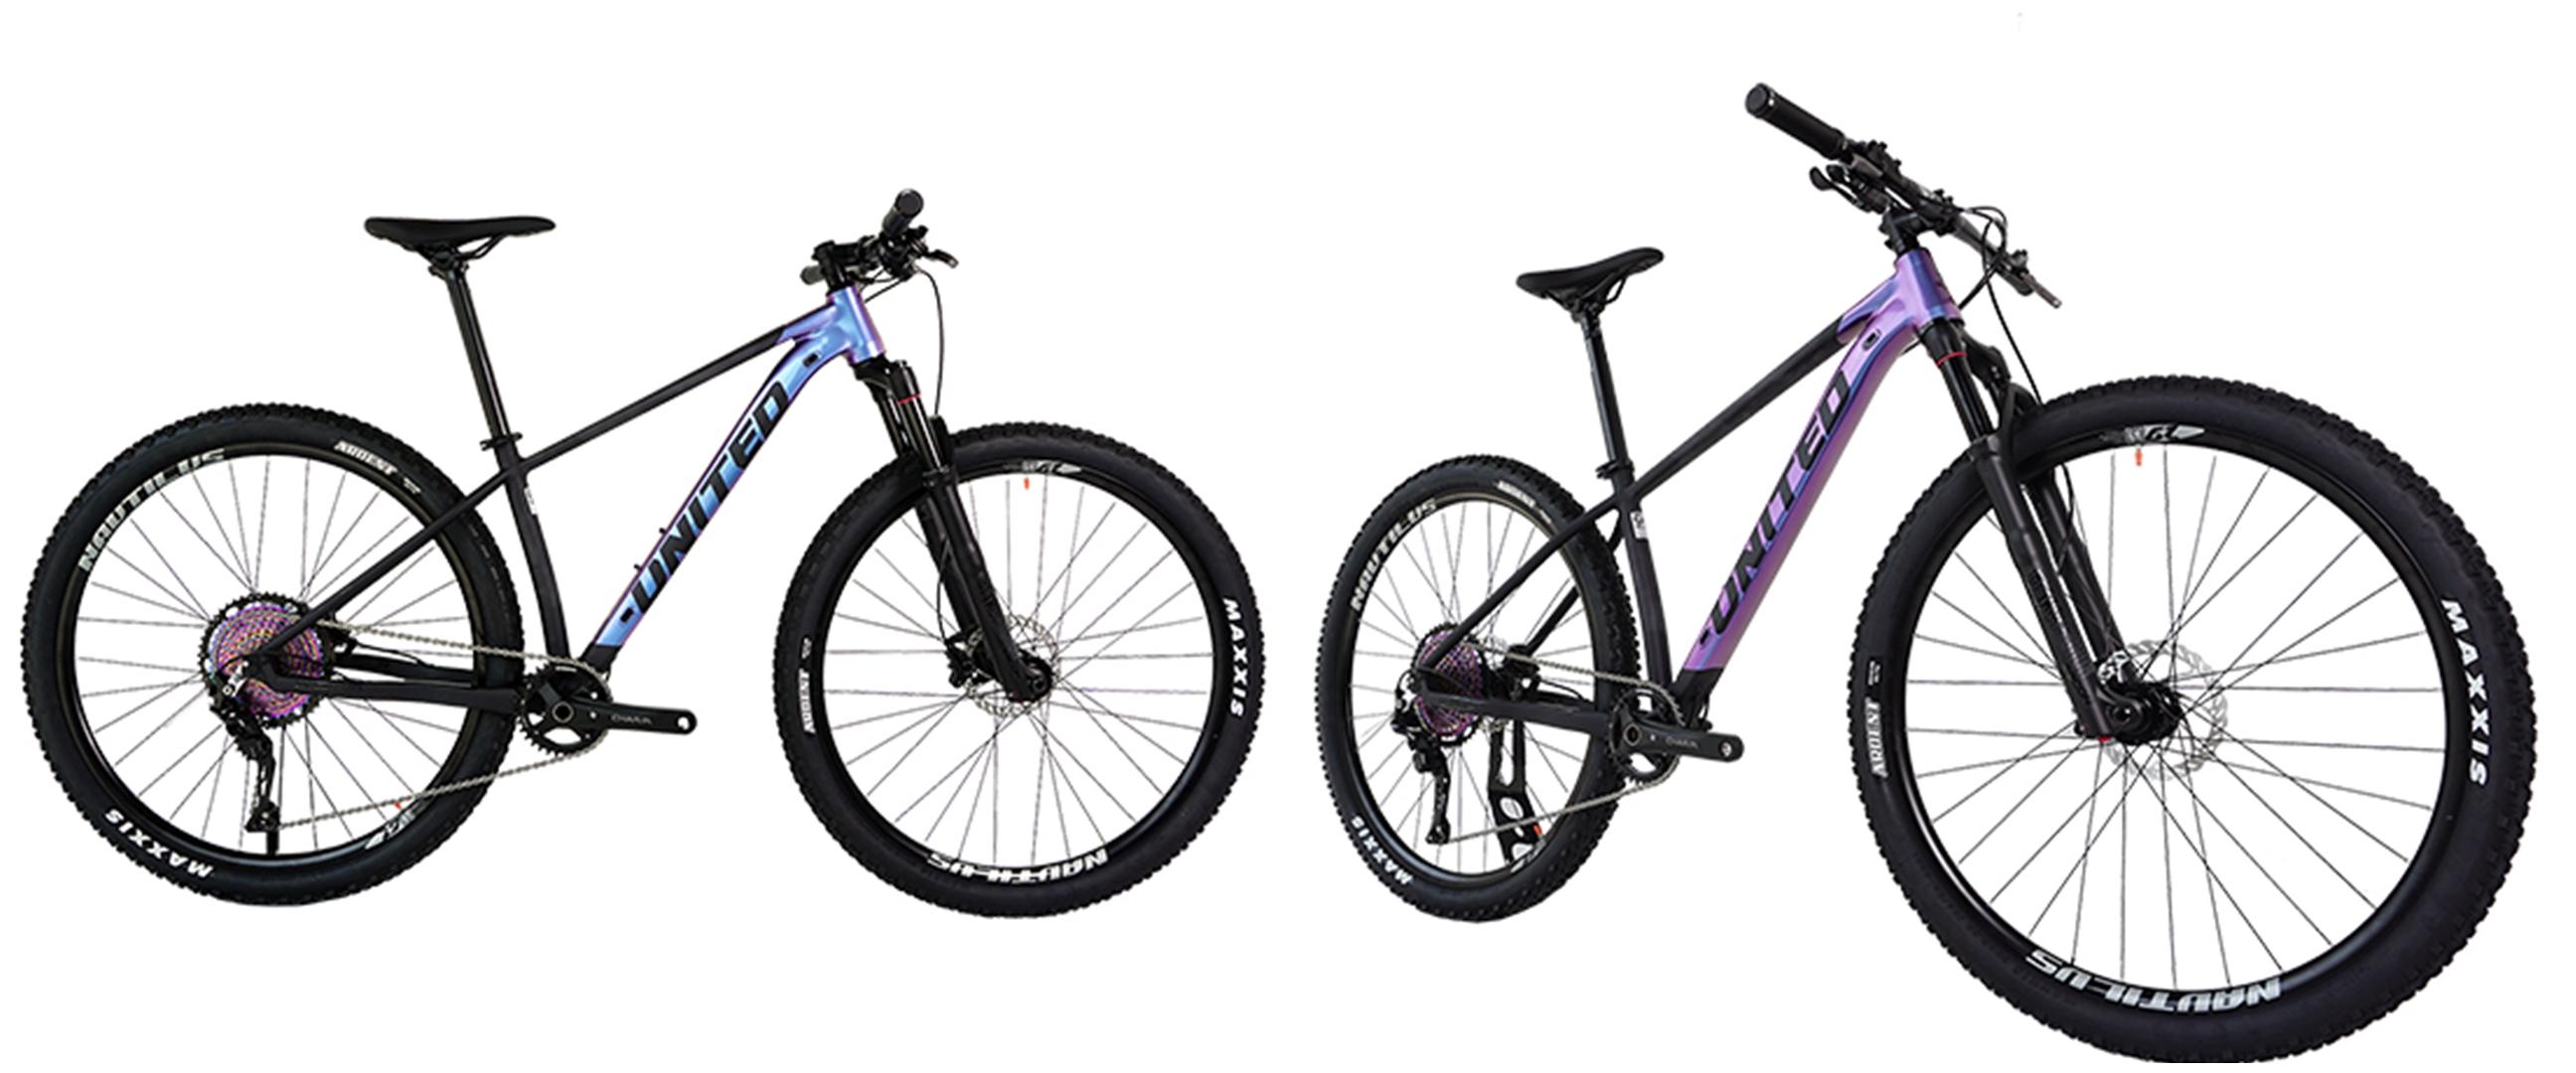 Harga sepeda MTB United Clovis dan spesifikasinya, keren